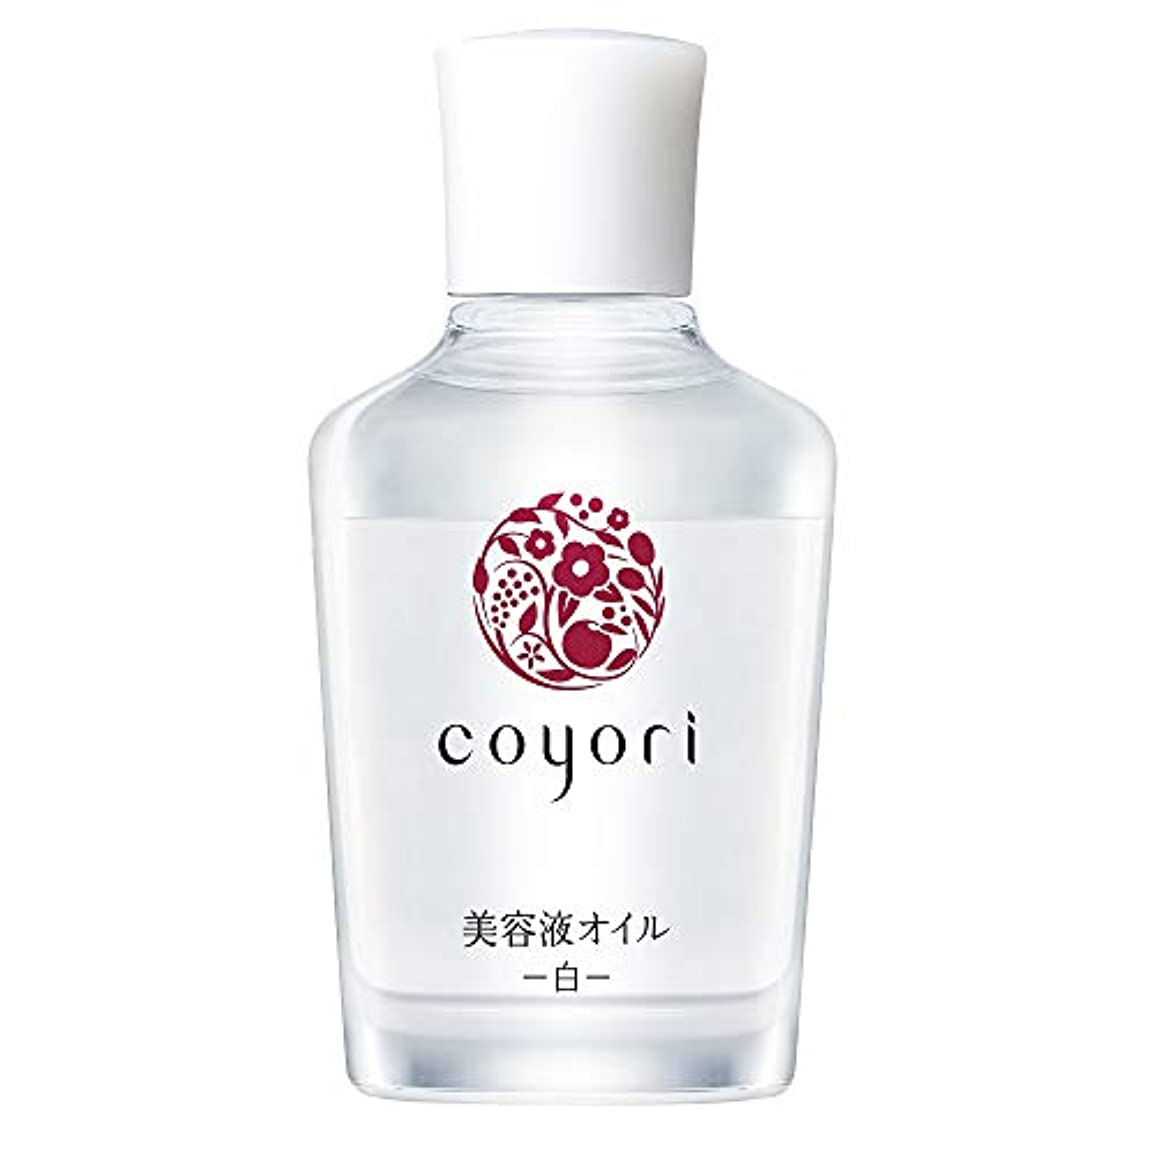 特権的好意想定[公式] コヨリ 美容液オイル-白- 40mL 大容量 無添加[高機能 自然派 エイジングケア 乾燥肌 敏感肌 くすみ 乾燥 小じわ 対策用 もっちり ハリ ツヤ フェイスオイル ]